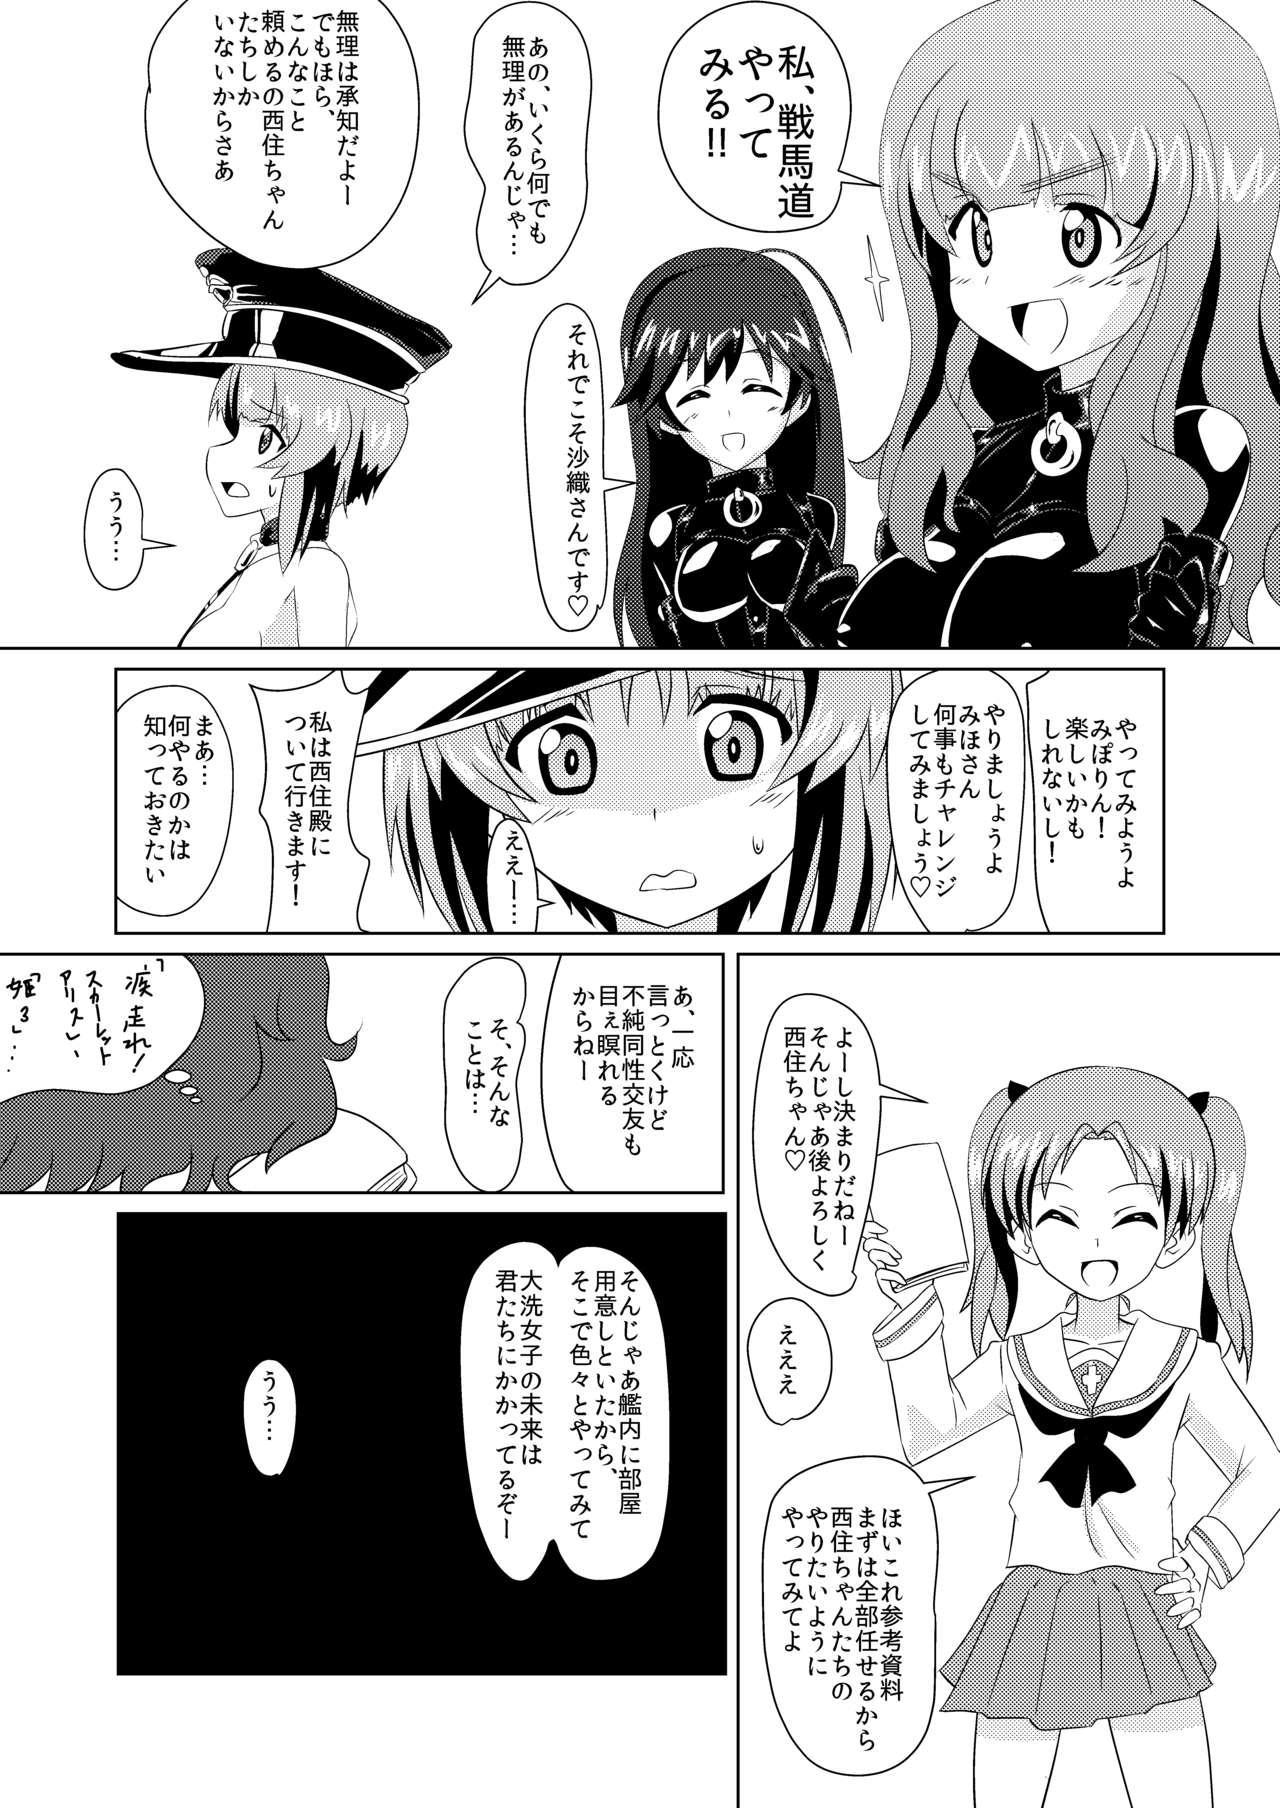 Senbadou, Hajimemasu! 7